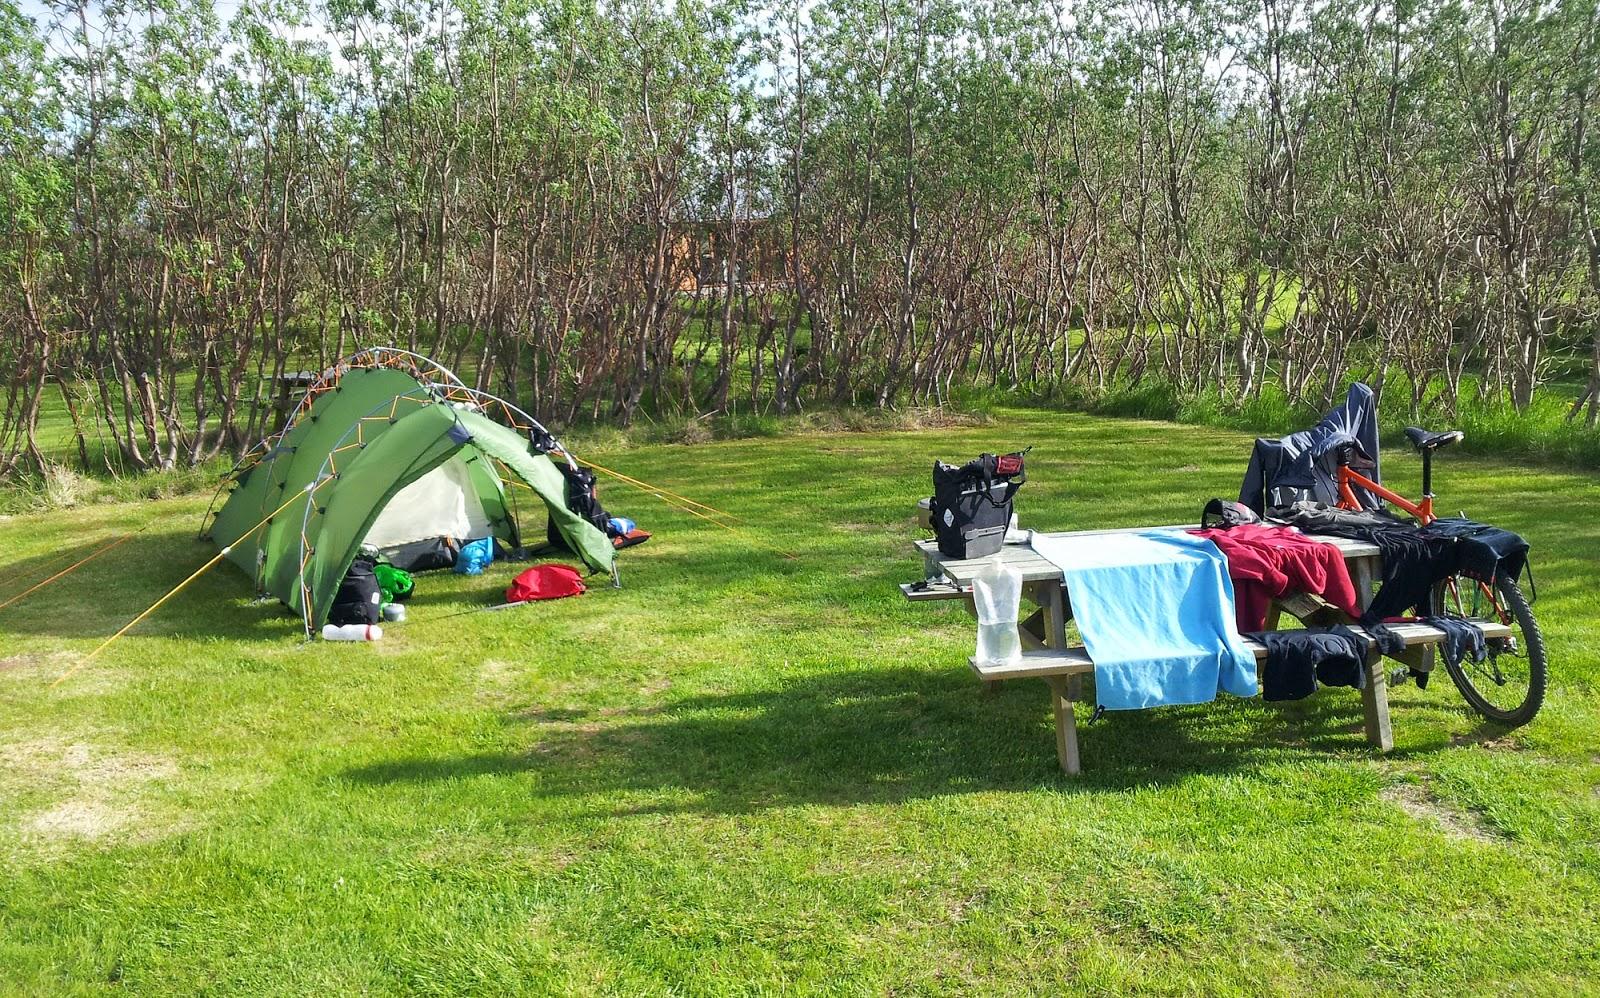 islande24 guide de voyage sur l 39 islande le camping en islande campings en islande. Black Bedroom Furniture Sets. Home Design Ideas